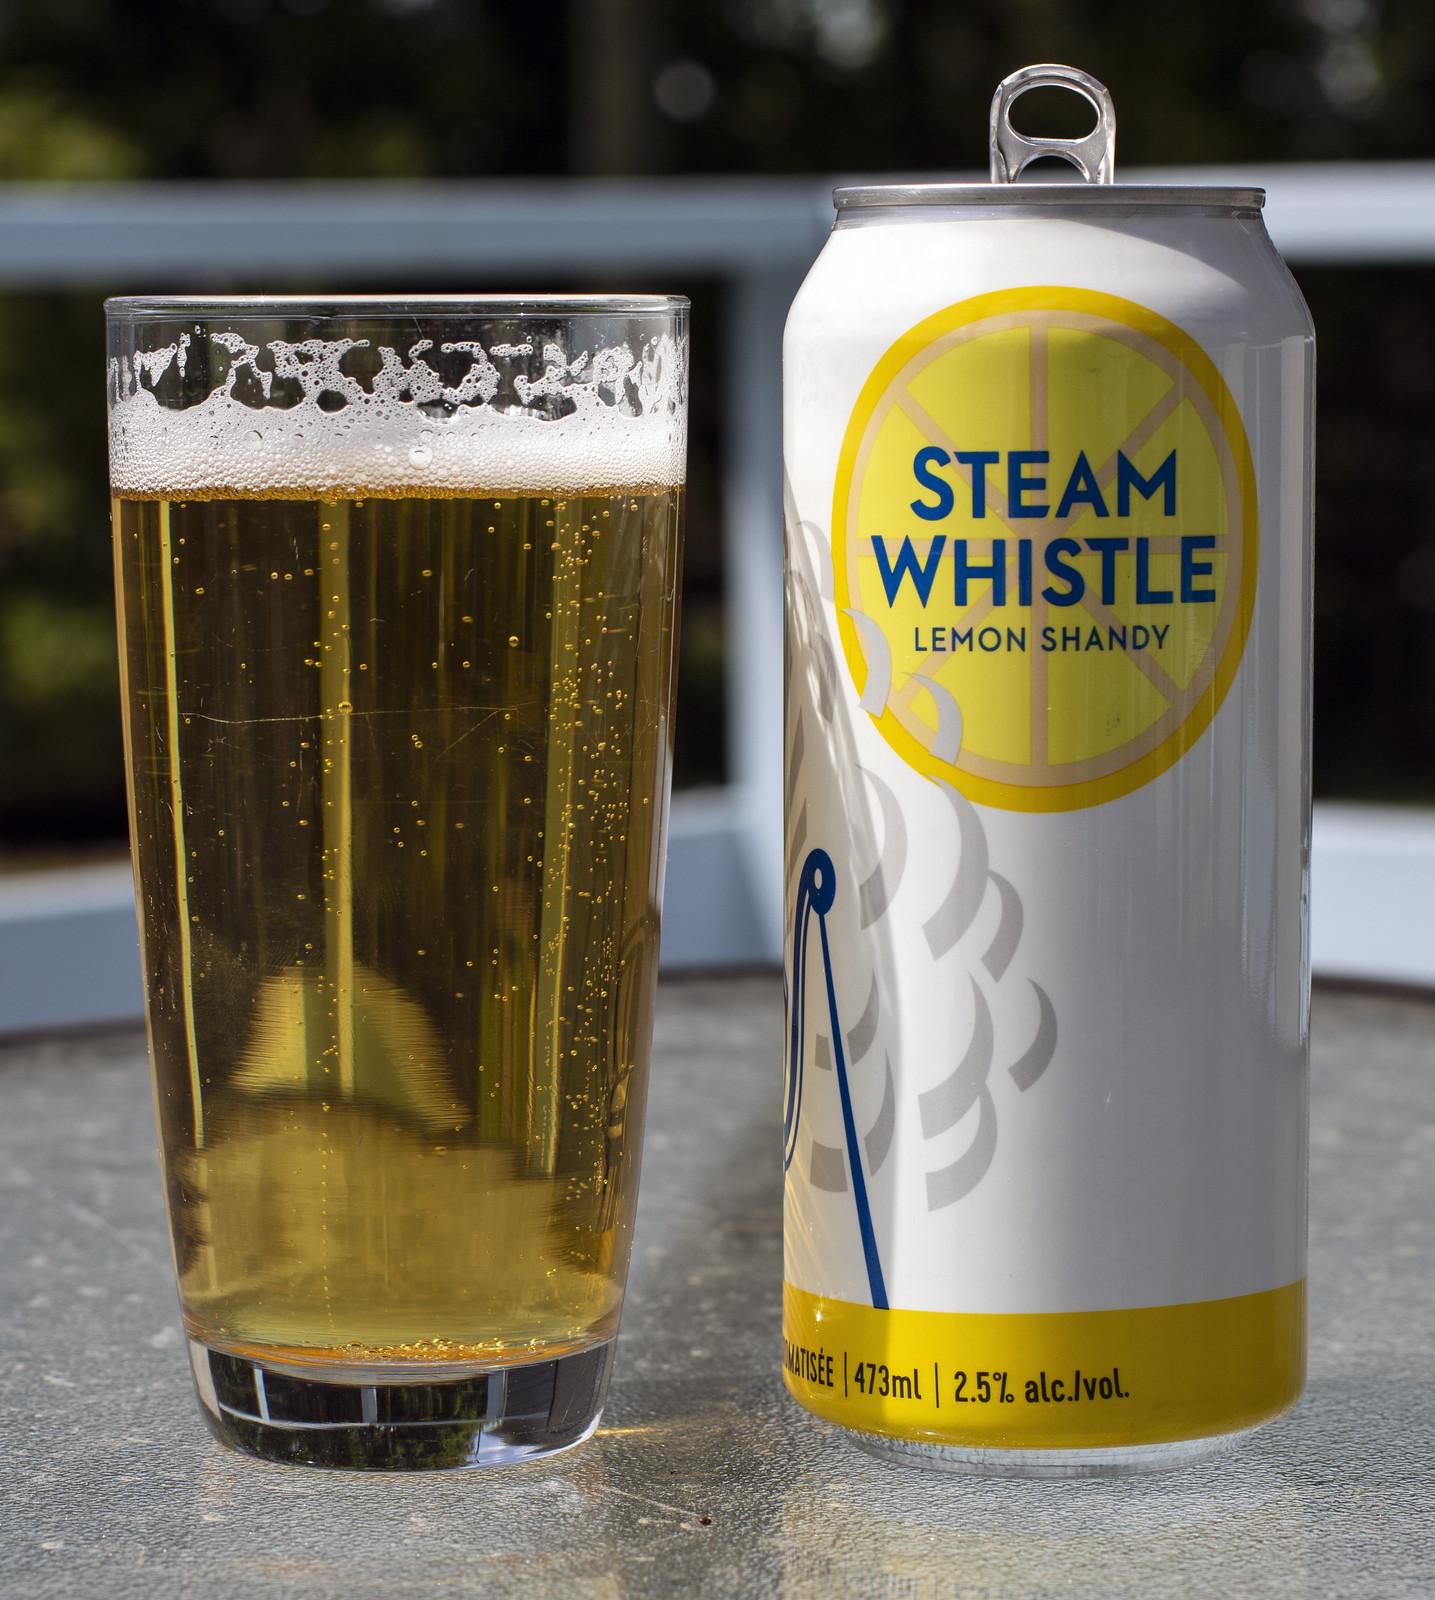 Steam Whistle Lemon Shandy